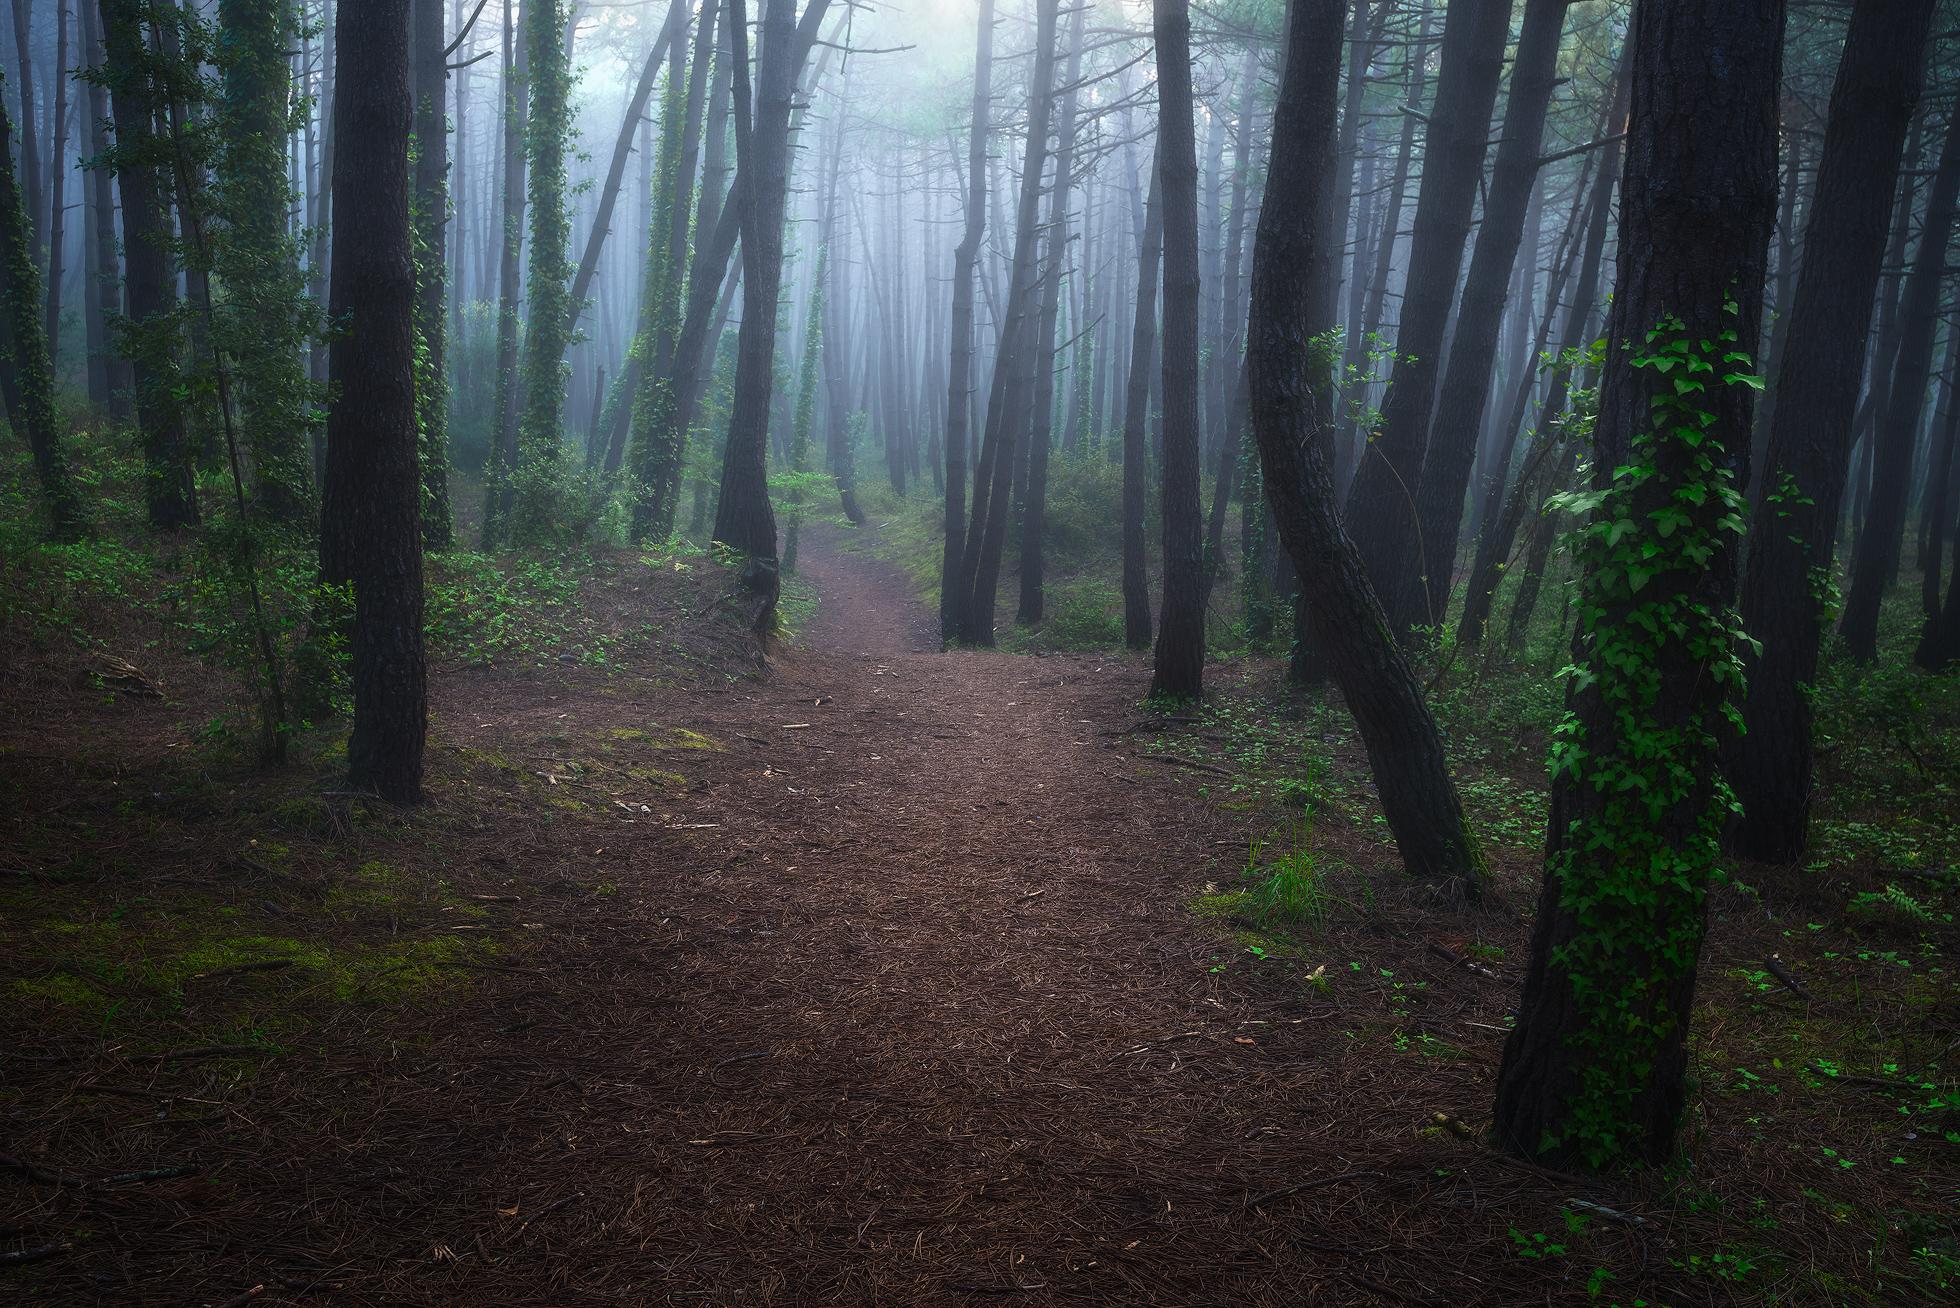 Liencres-foggy-woods.jpg